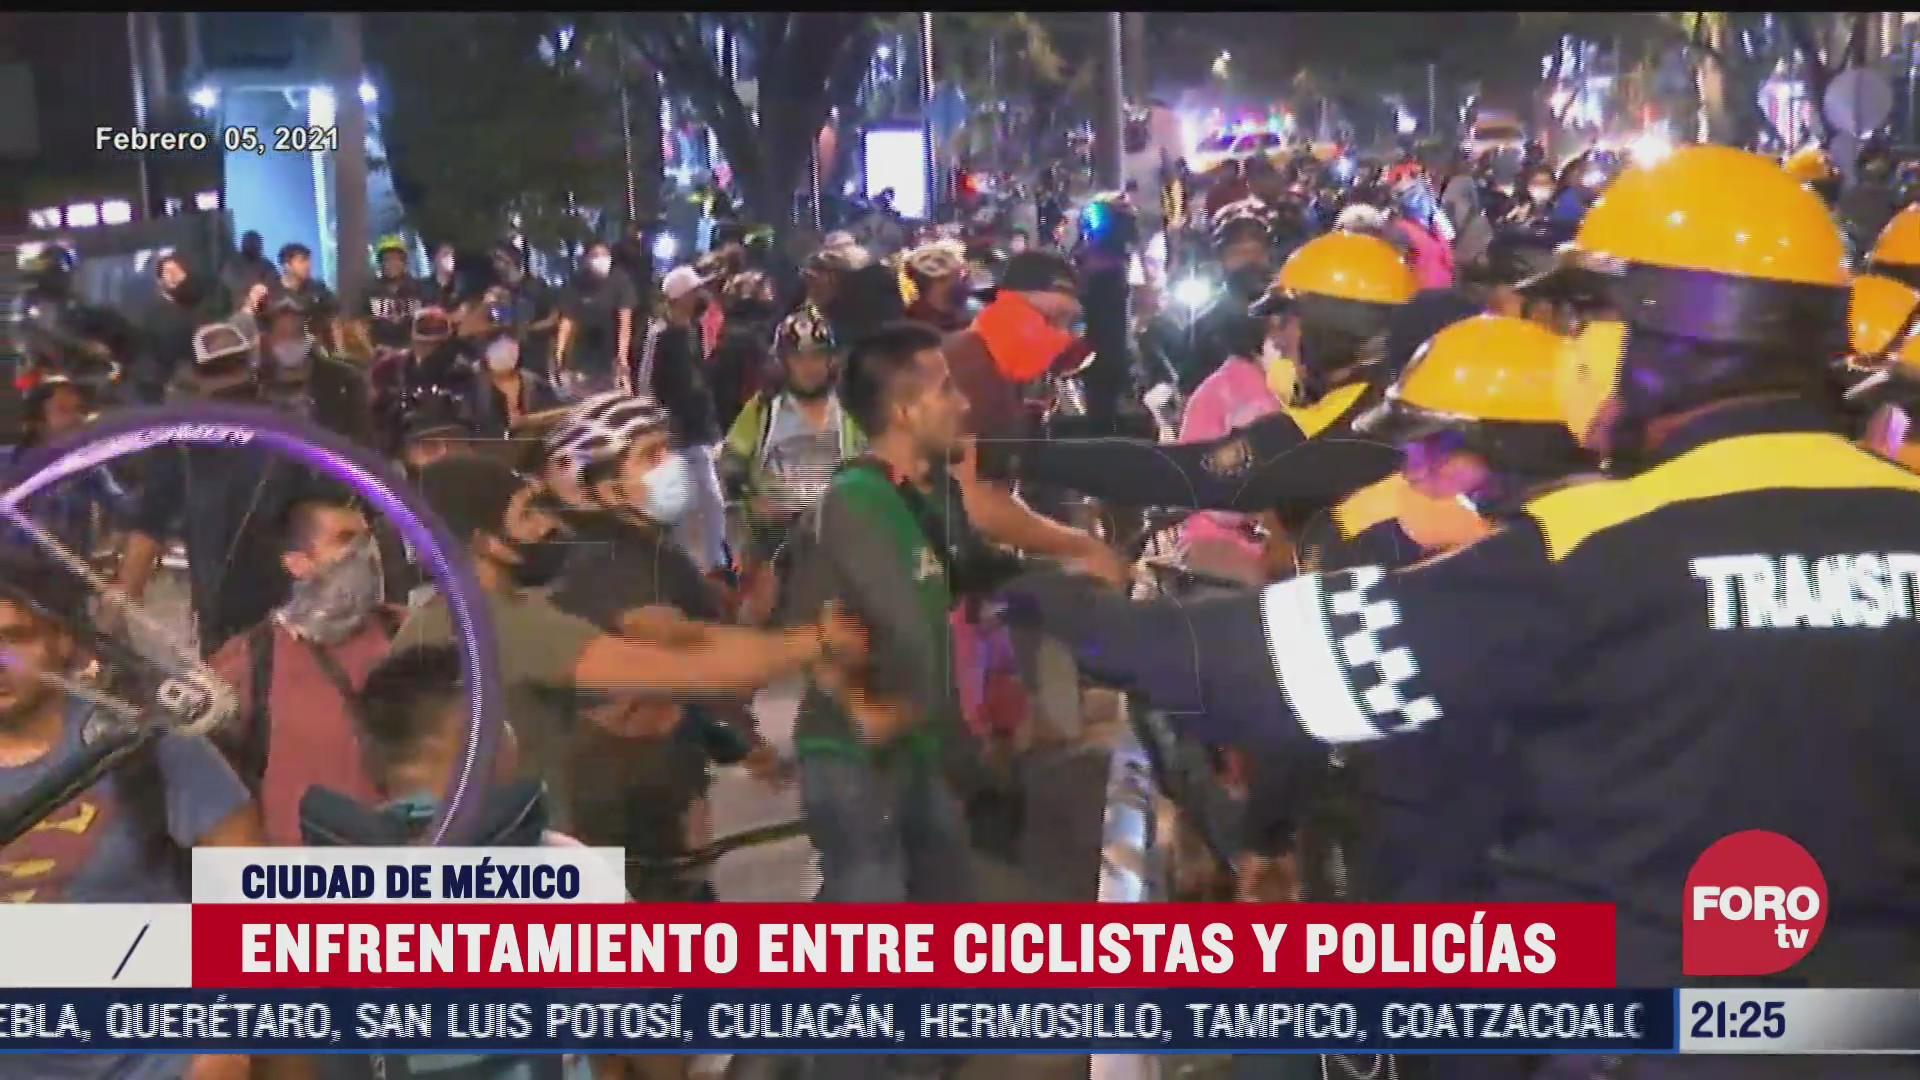 trece policias suspendidos tras enfrentamiento con ciclistas